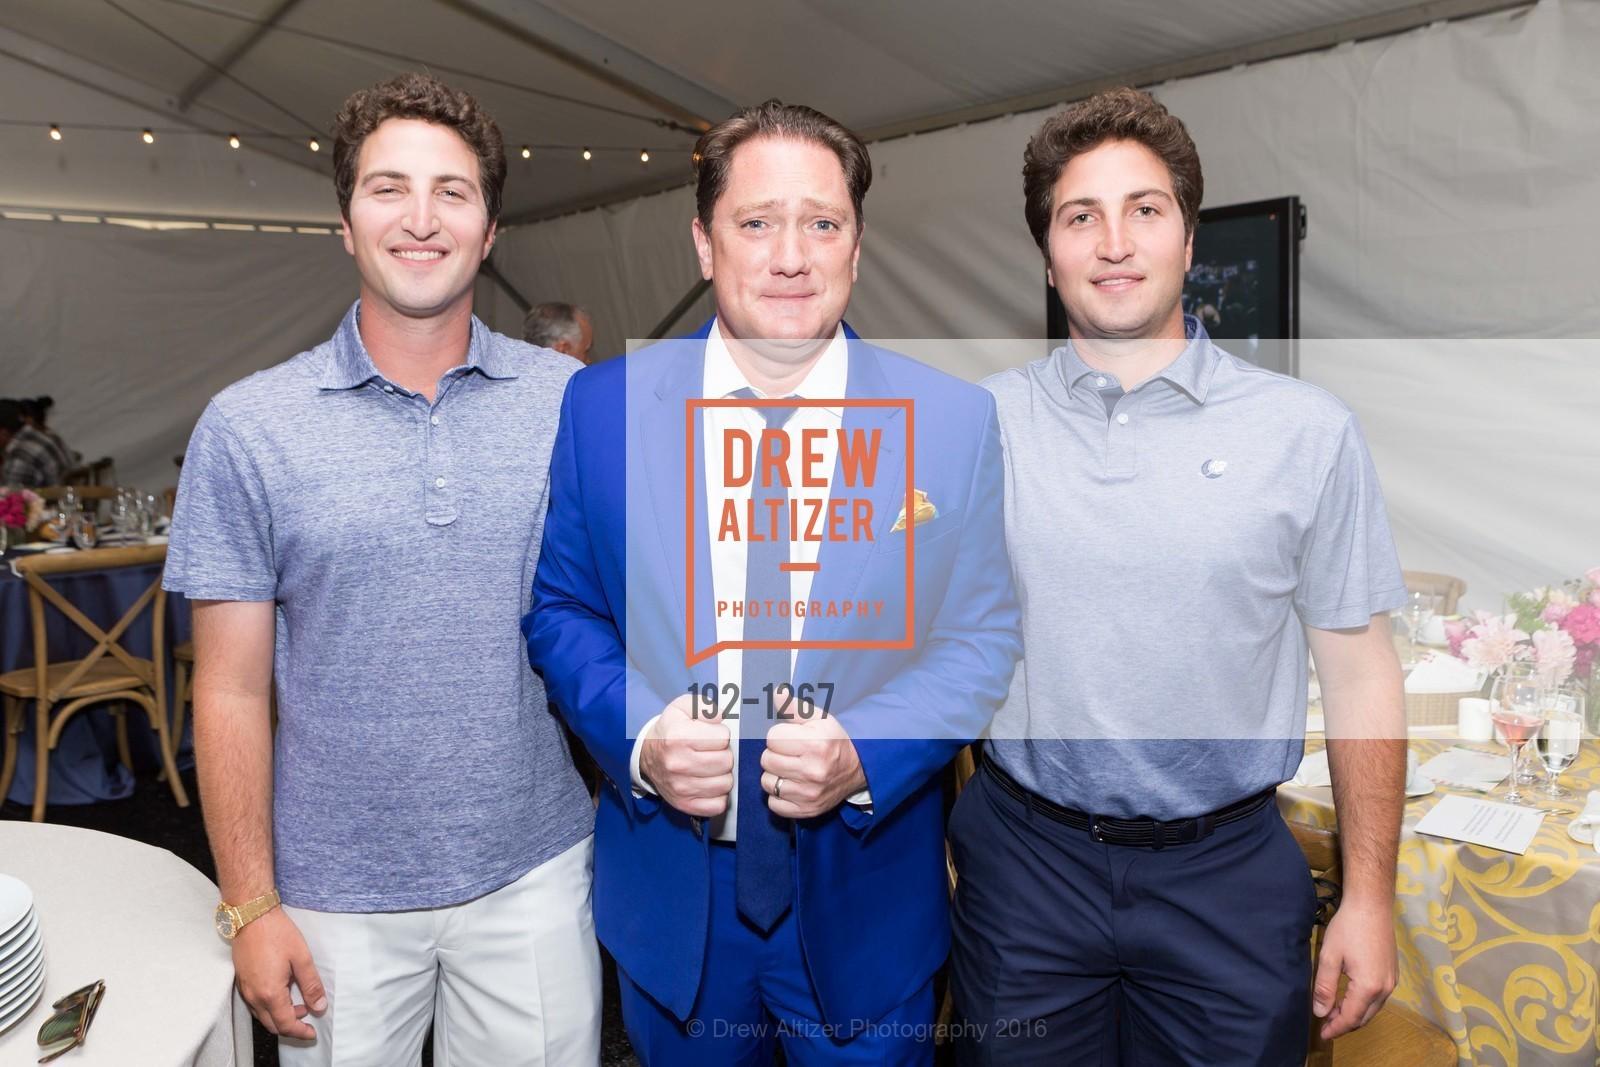 Jason Goldman, Liam Mayclem, Matthew Goldman, Photo #192-1267